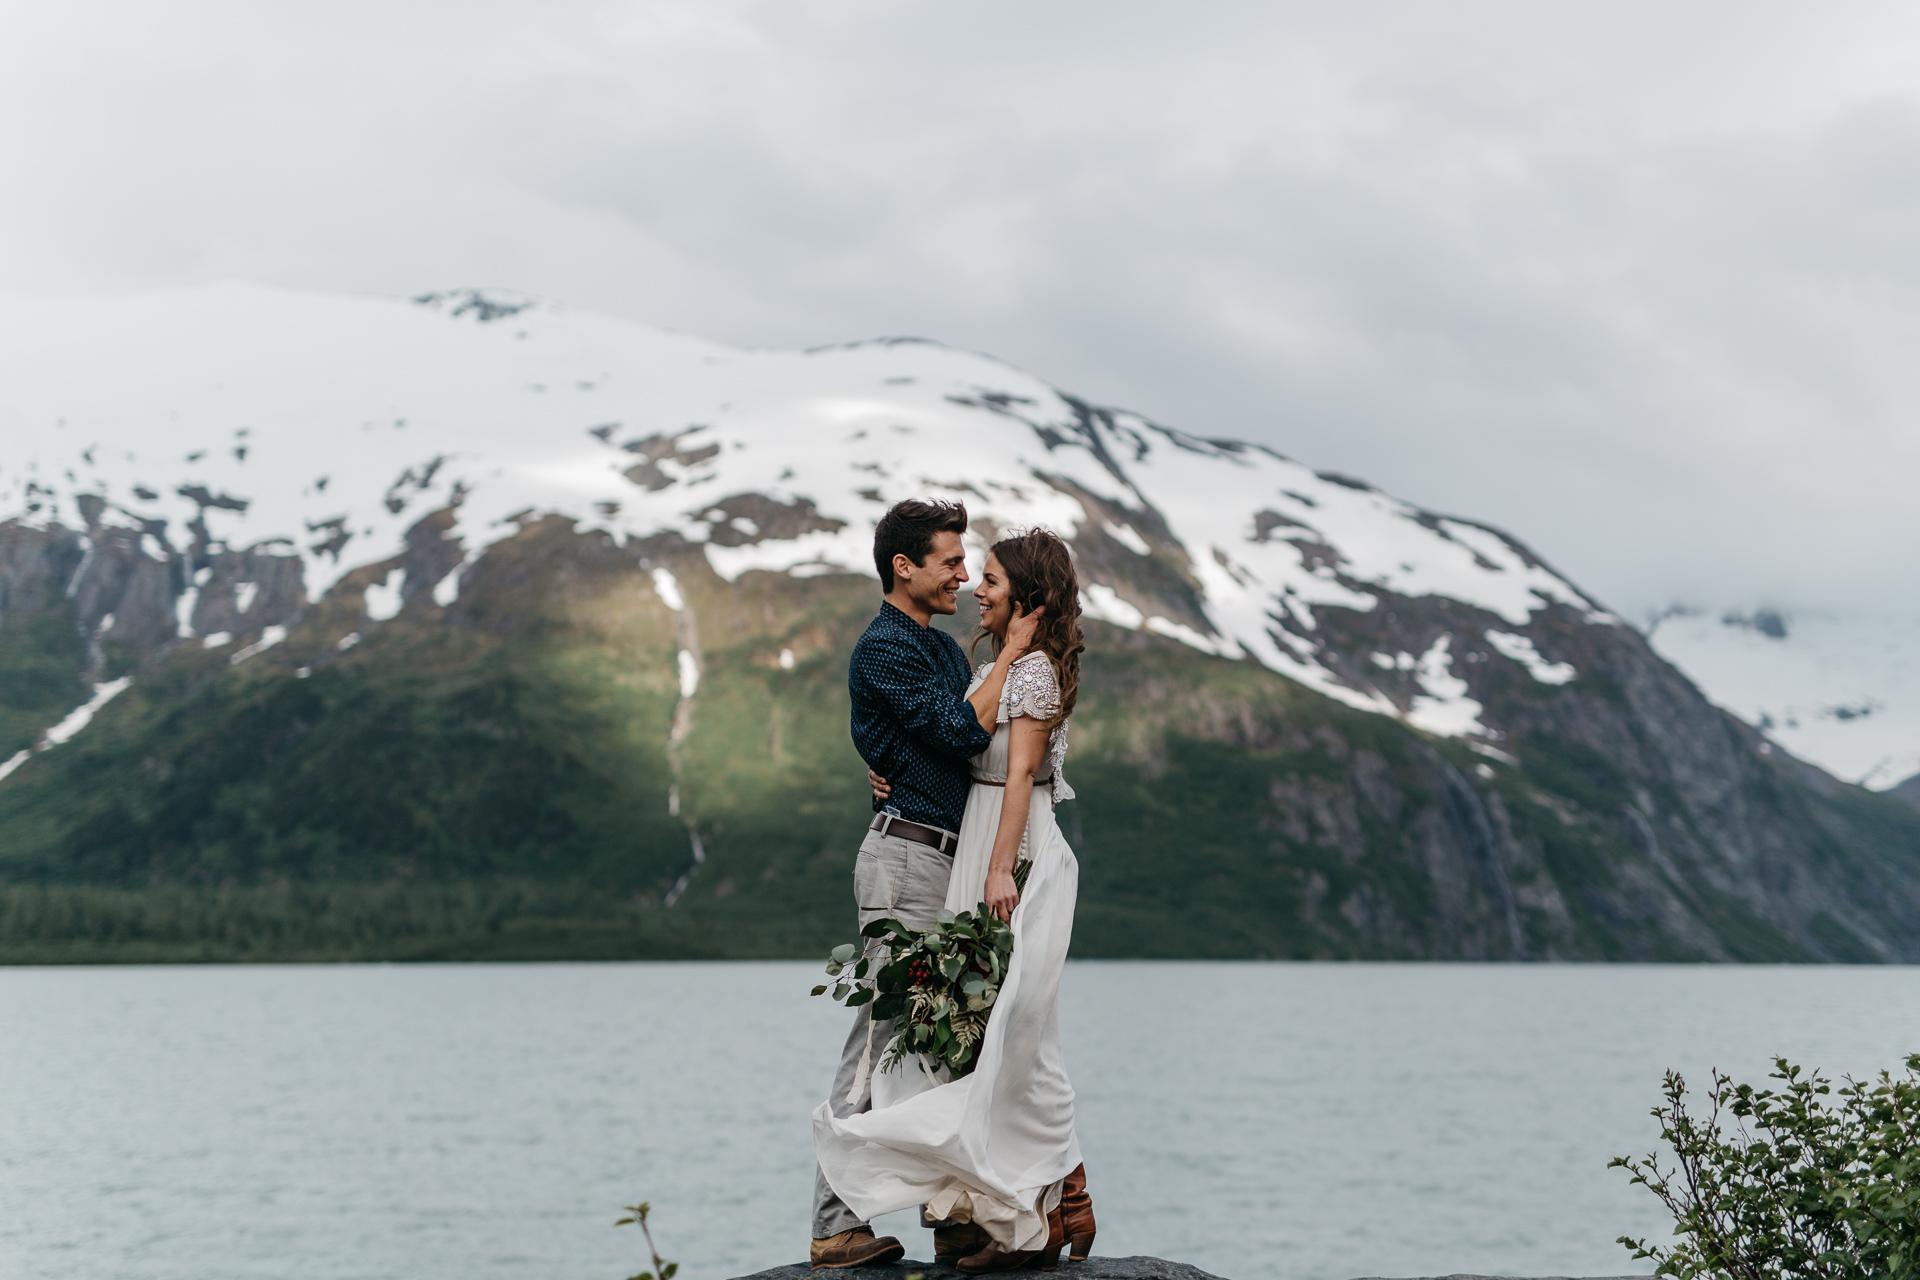 jess-hunter-photographer-alaska-destination-elopement-5867.jpg